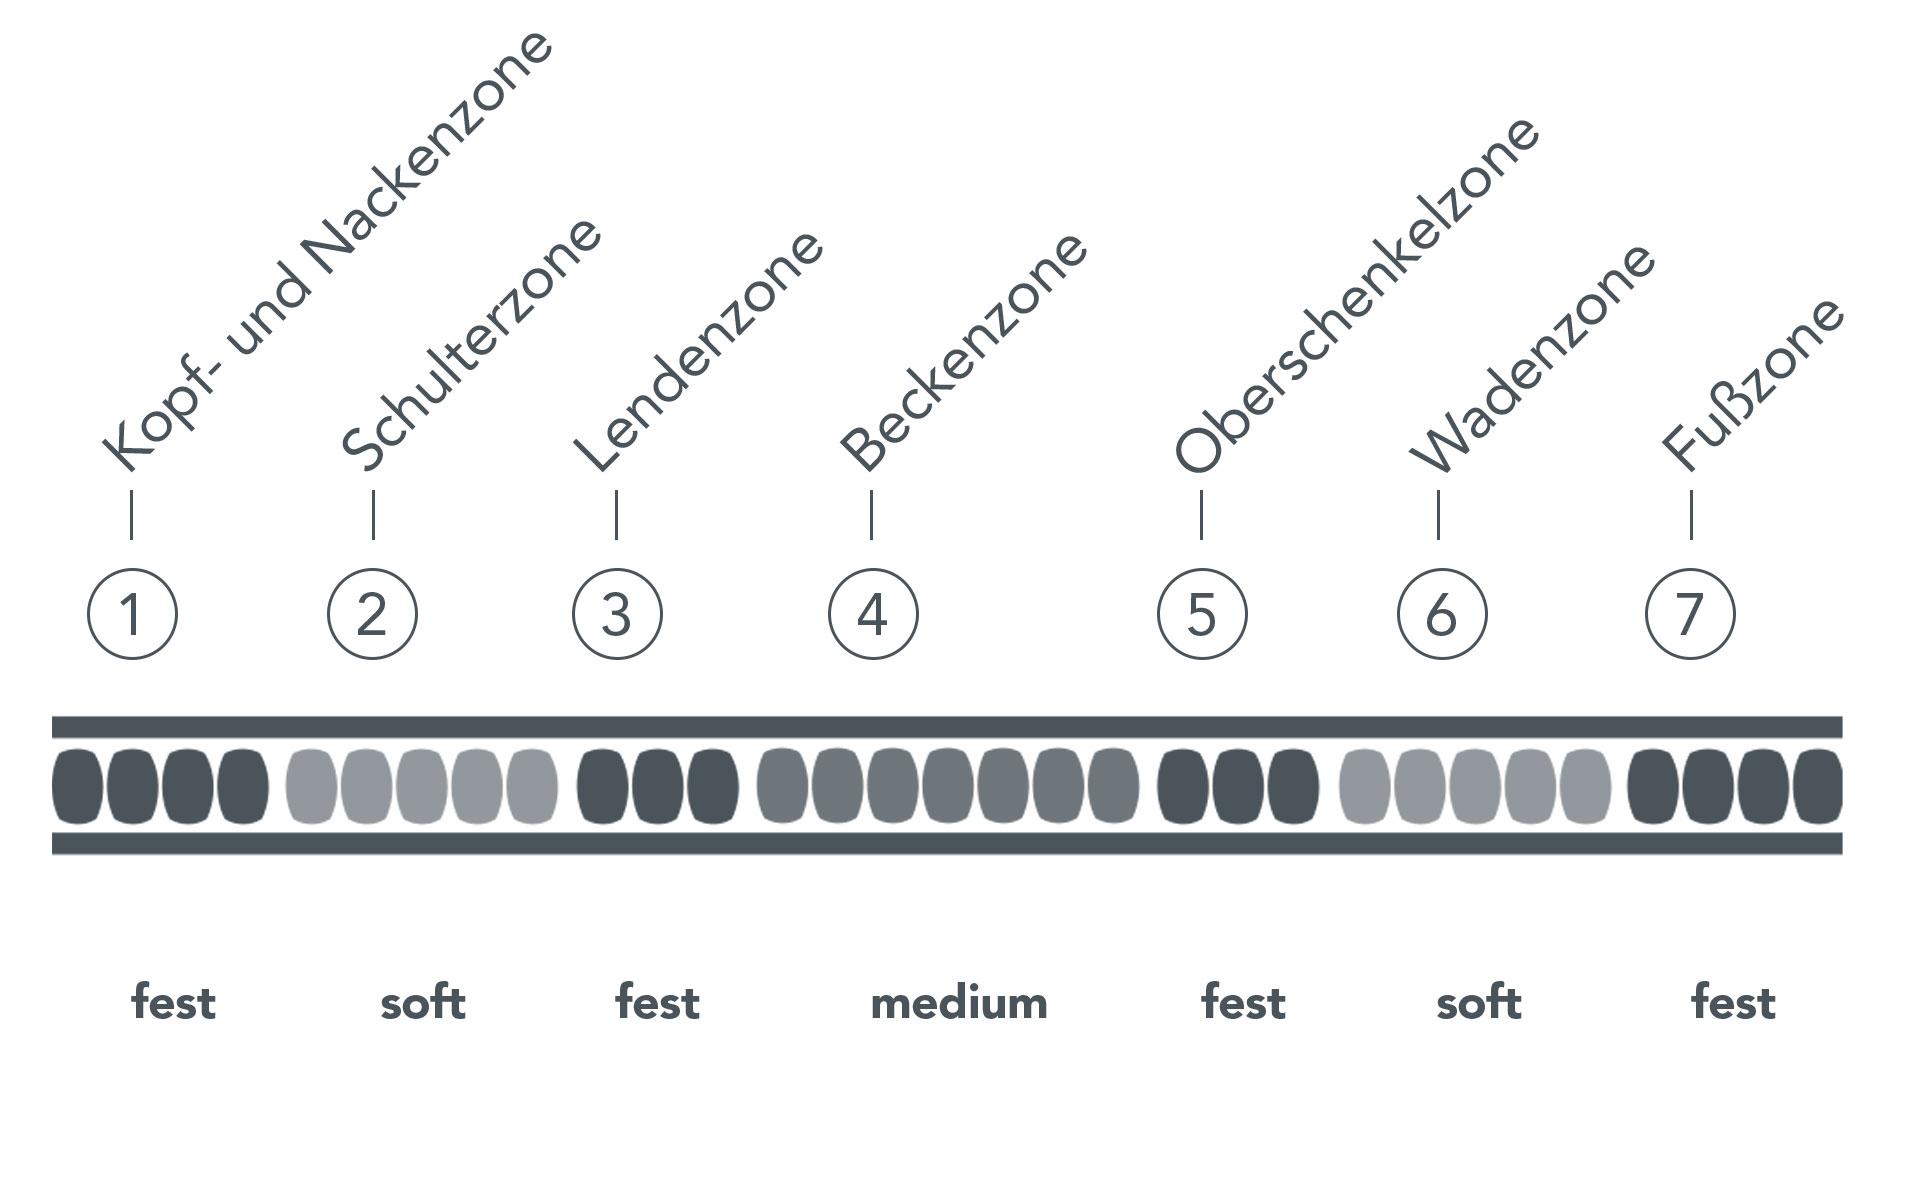 7-Zonen Matratze erklärt